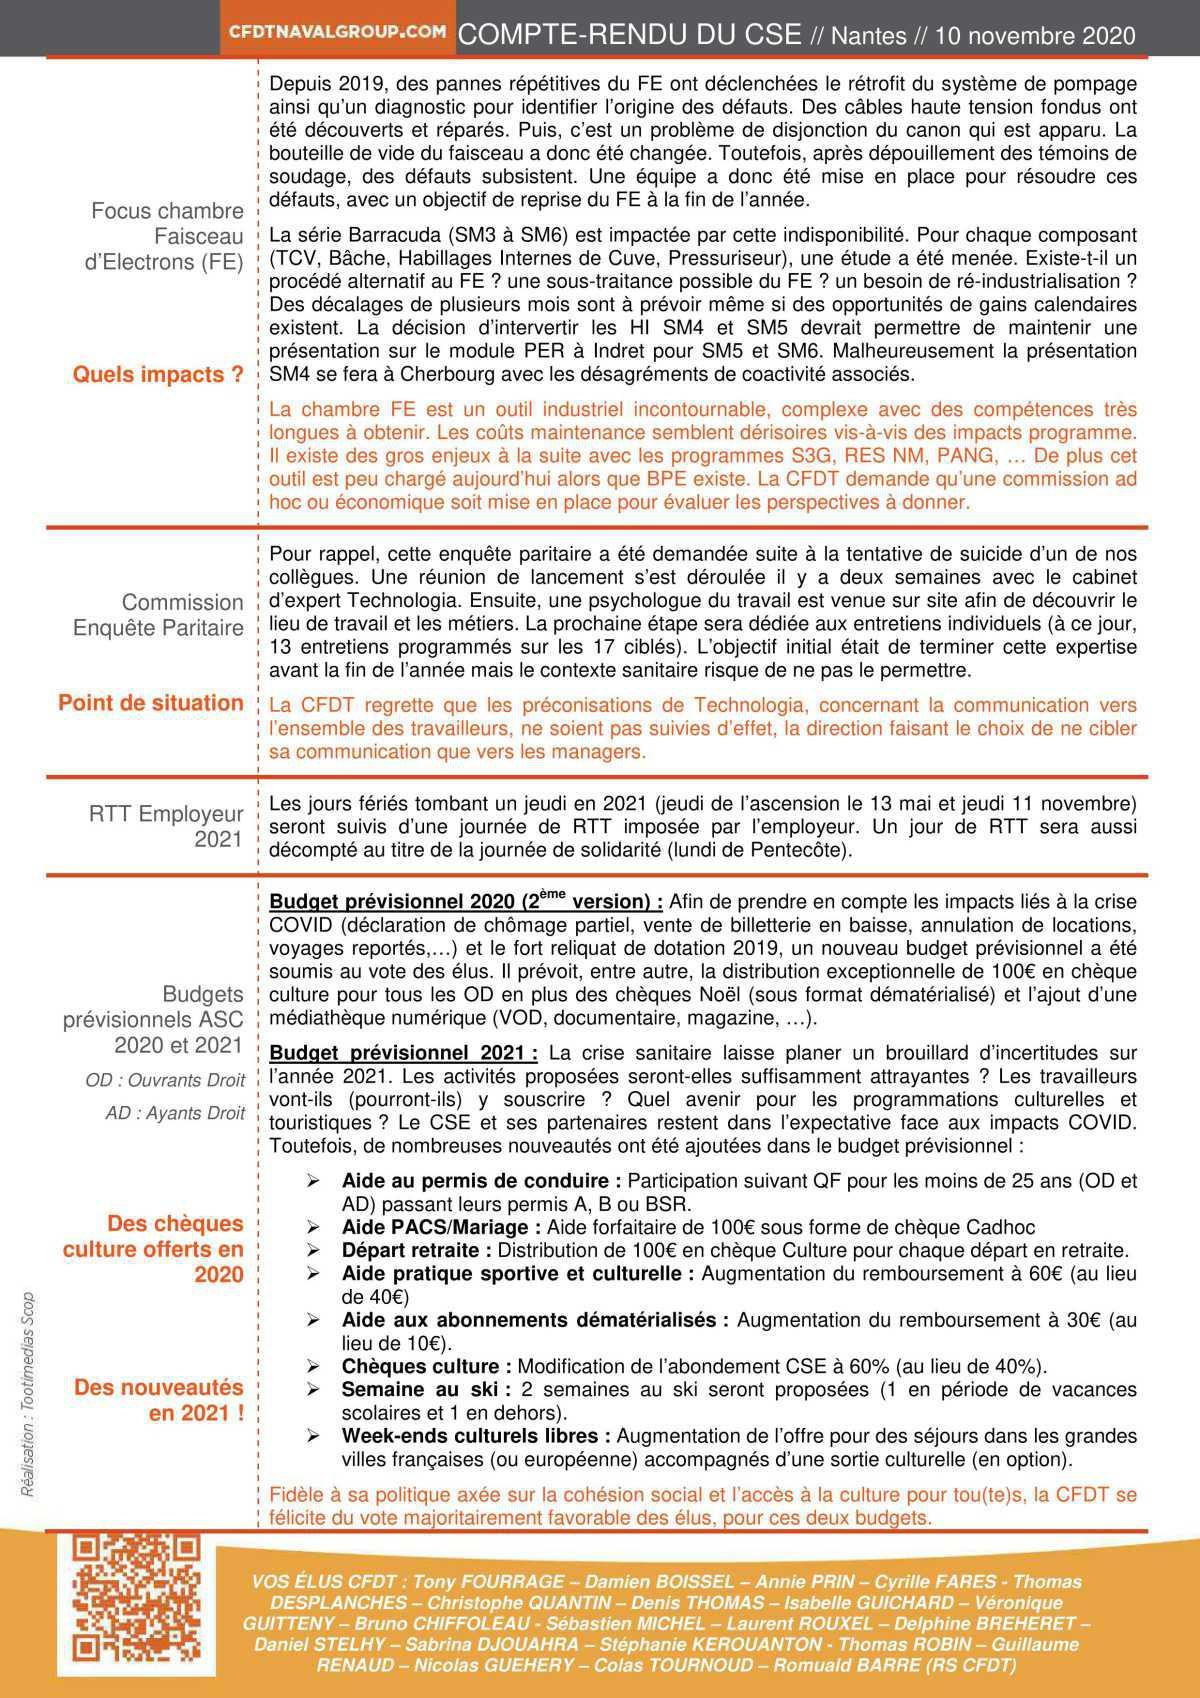 CR du CSE du 10 novembre 2020